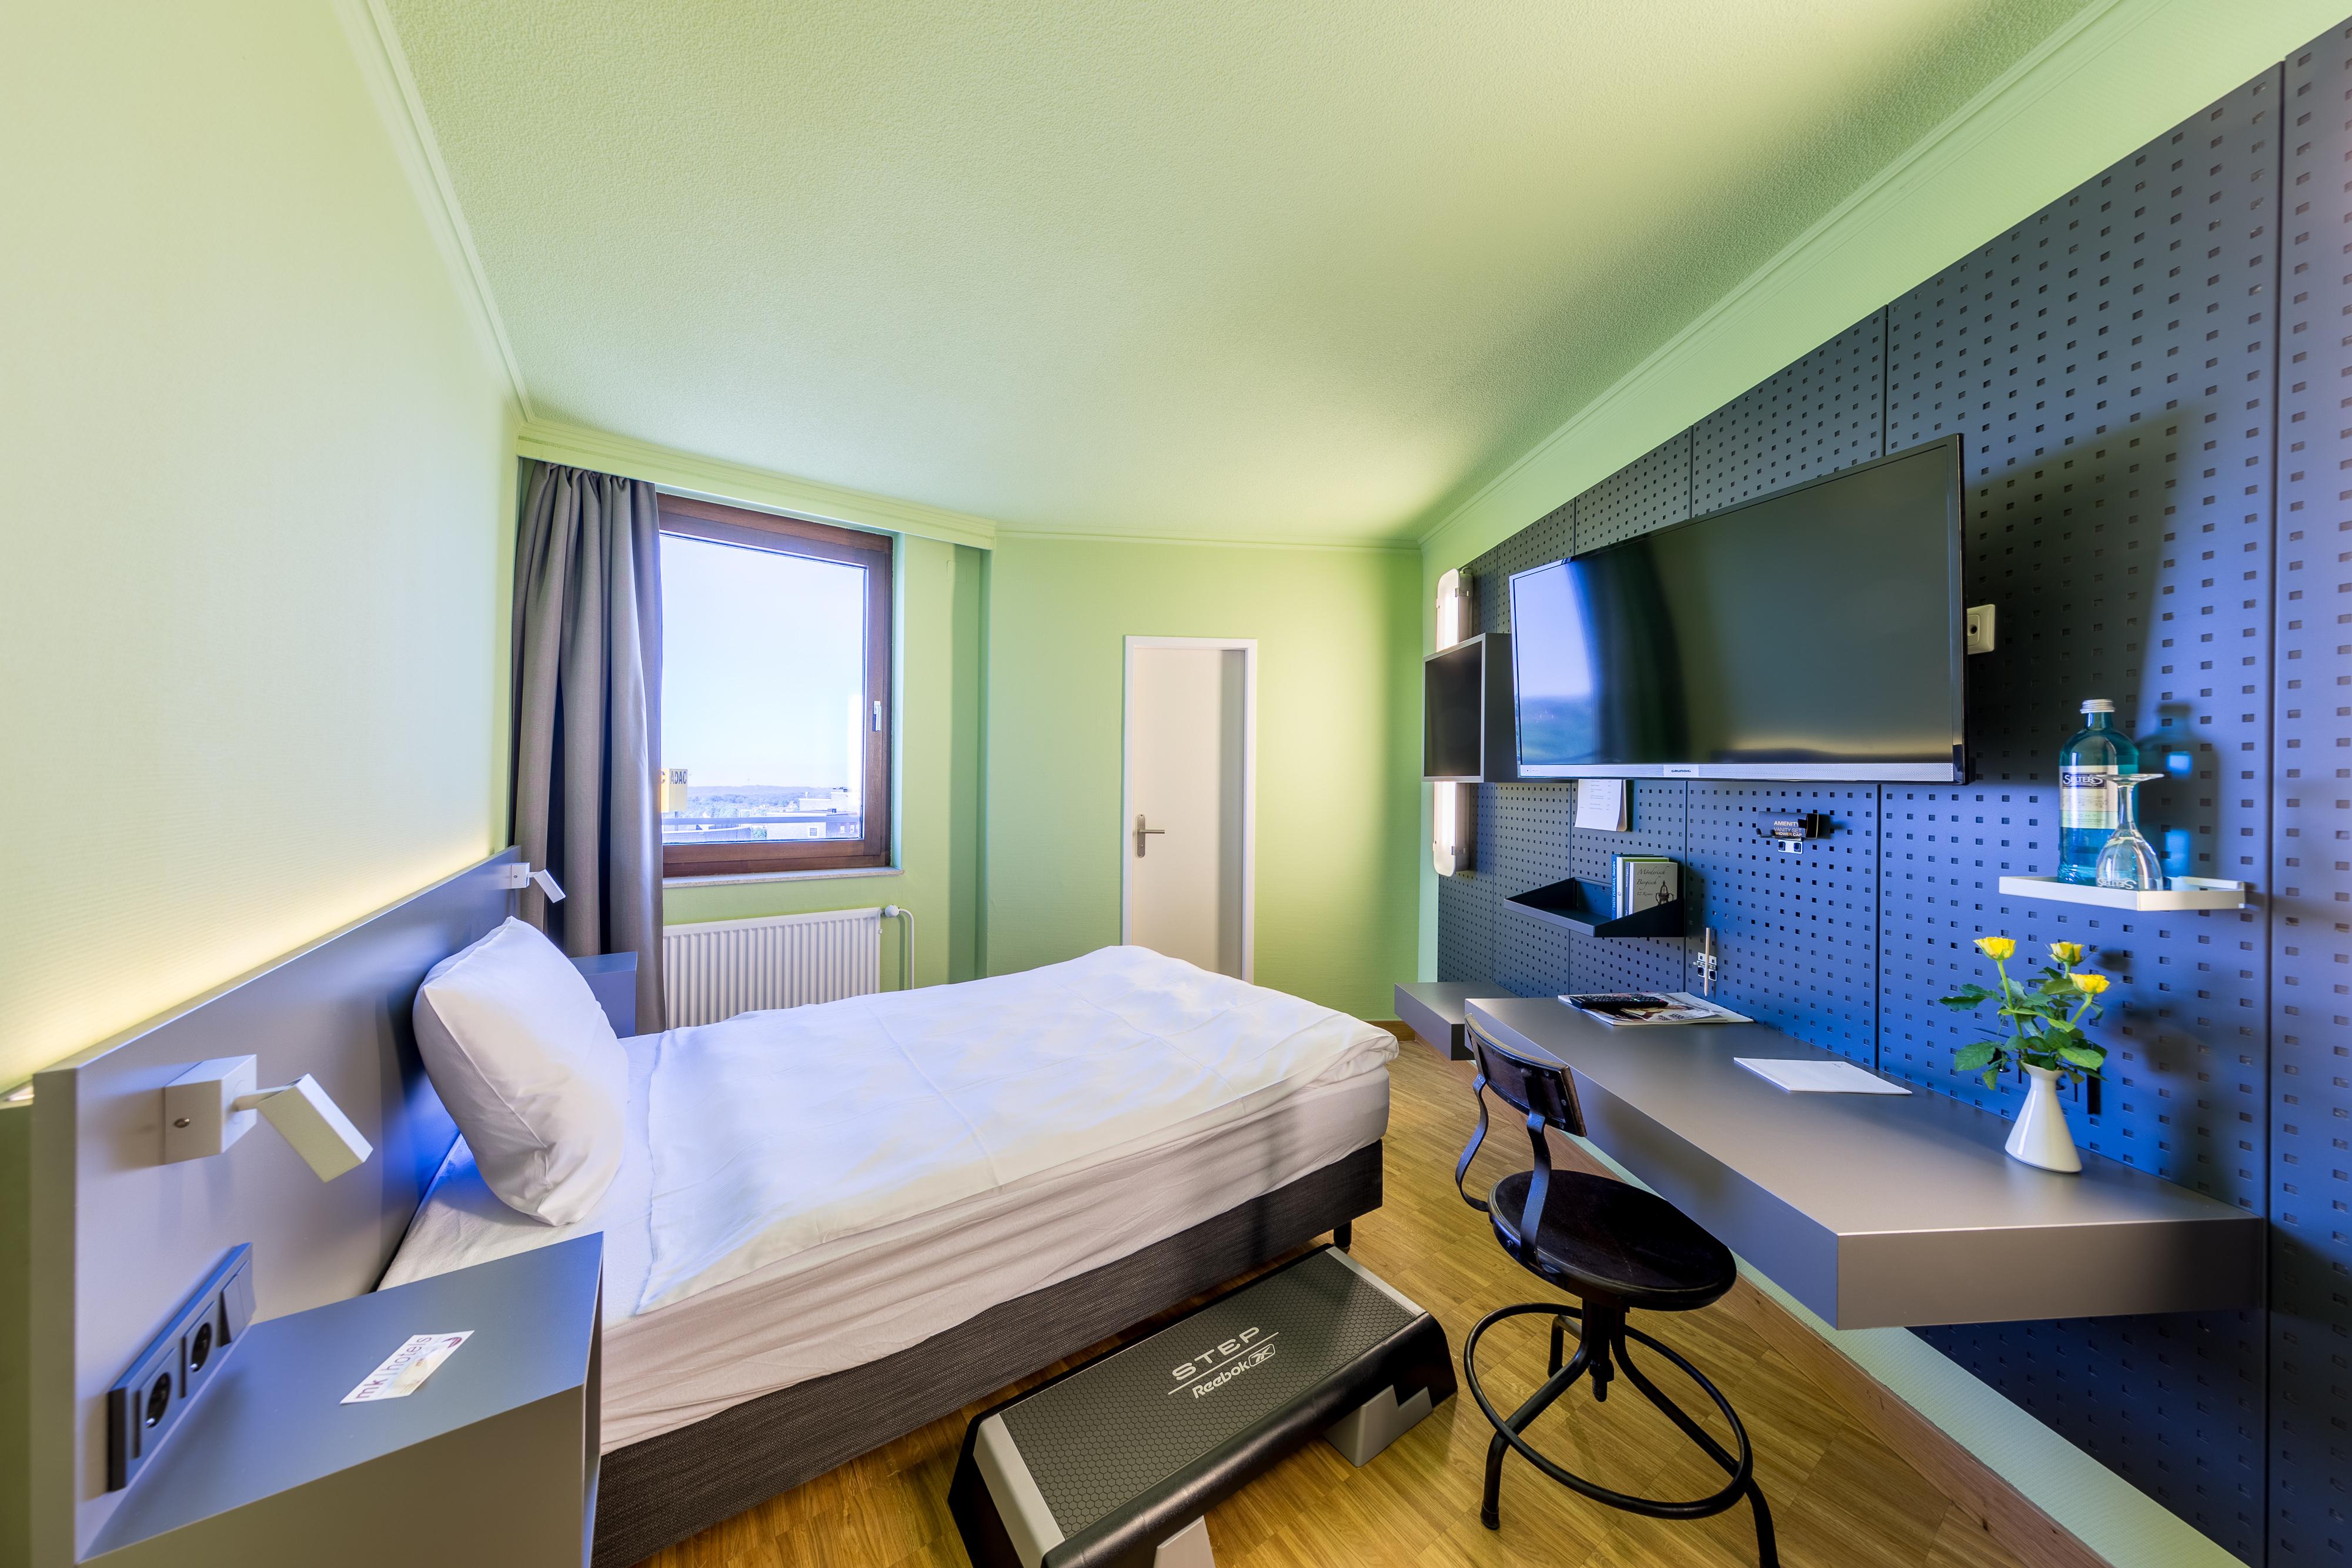 mk I hotel remscheid